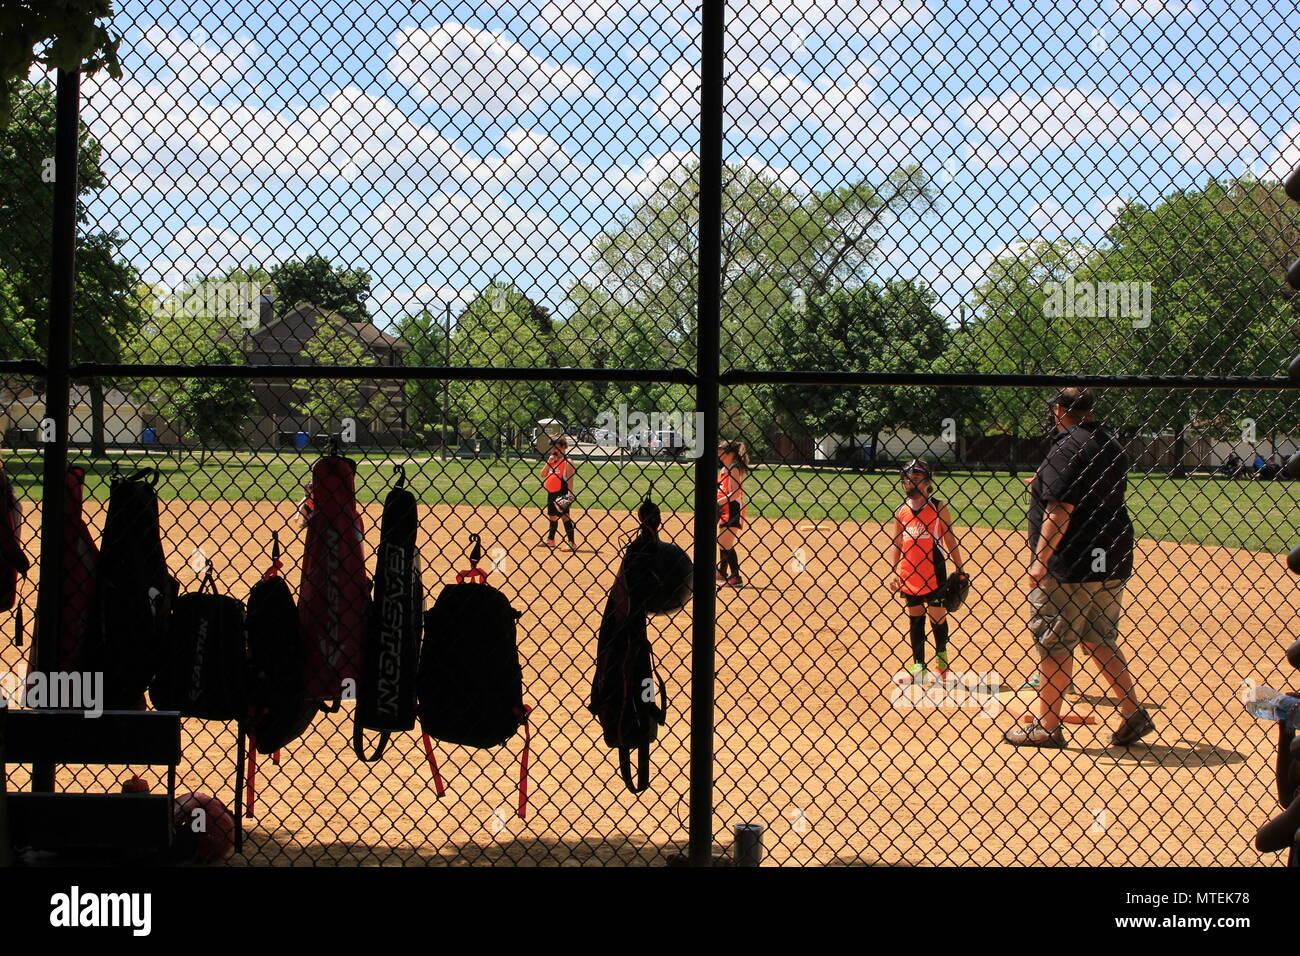 La petite ligue de baseball jeu à l'Oriole Park à Chicago, Illinois durant le week-end du Memorial Day 2018. Banque D'Images